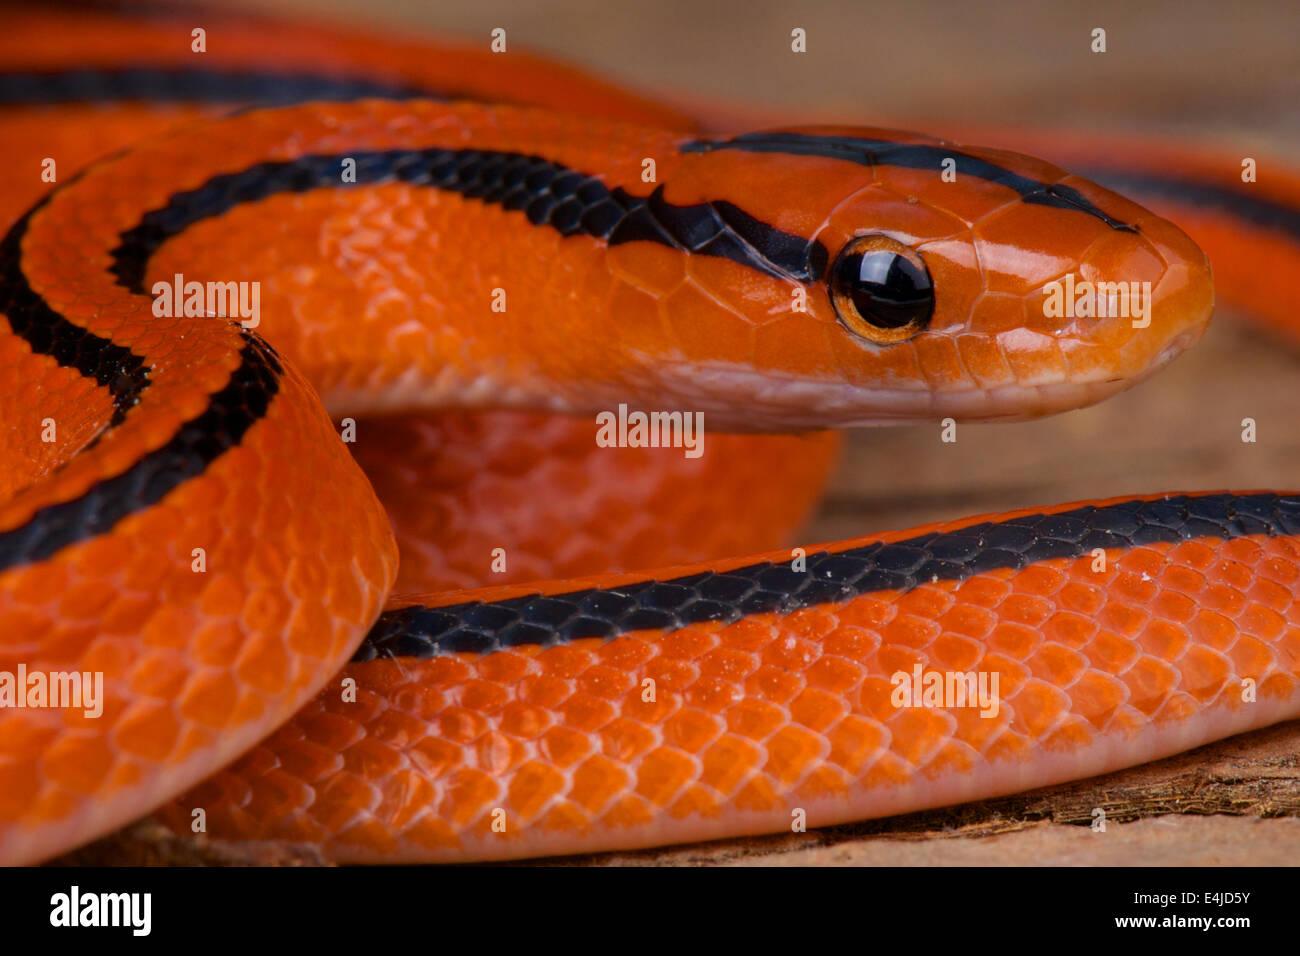 Thai red mountain rat snake / Oreocryptophis porphyracea coxi - Stock Image